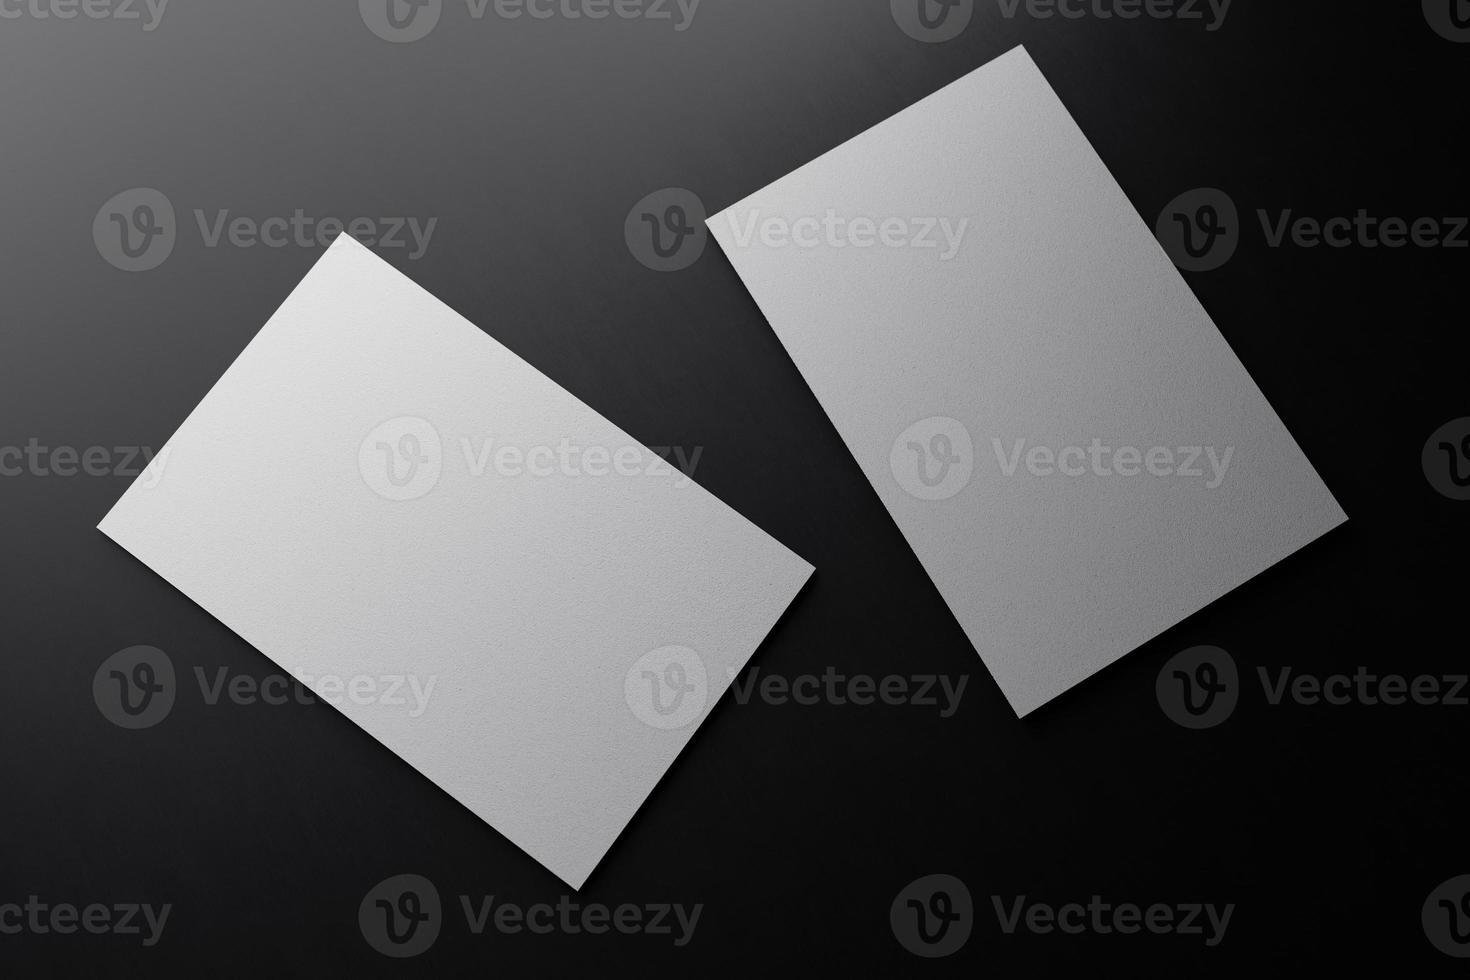 modello di mockup di carta per biglietto da visita verticale bianco con copertura di spazio vuoto per inserire il logo dell'azienda o l'identità personale su sfondo nero del pavimento di cartone. concetto moderno. Rendering di illustrazione 3D foto